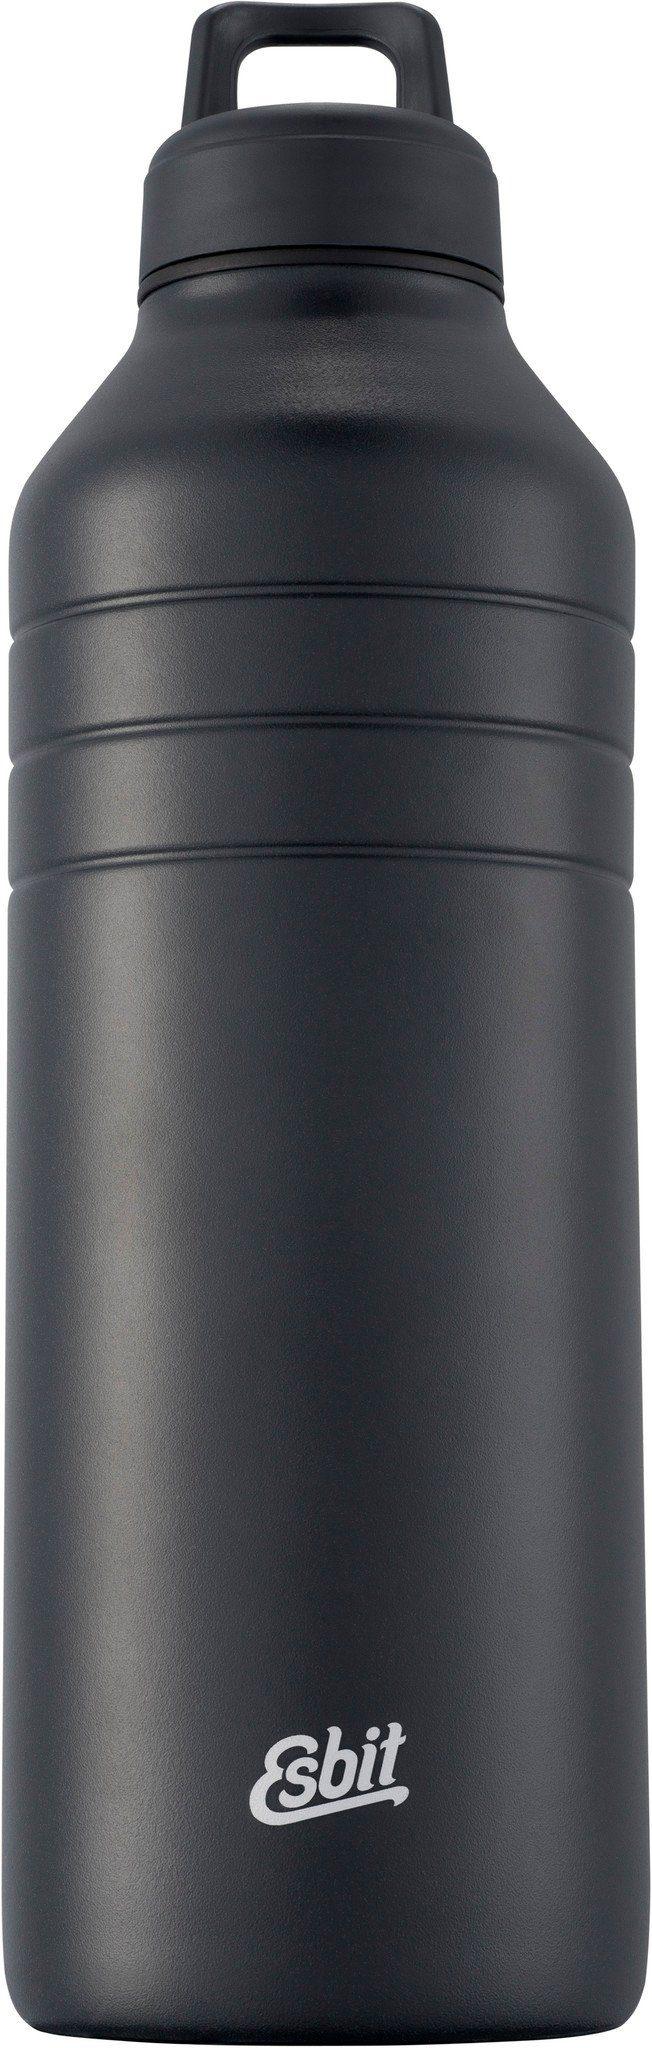 Esbit Trinkflasche »Majoris Trinkflasche 1380ml«